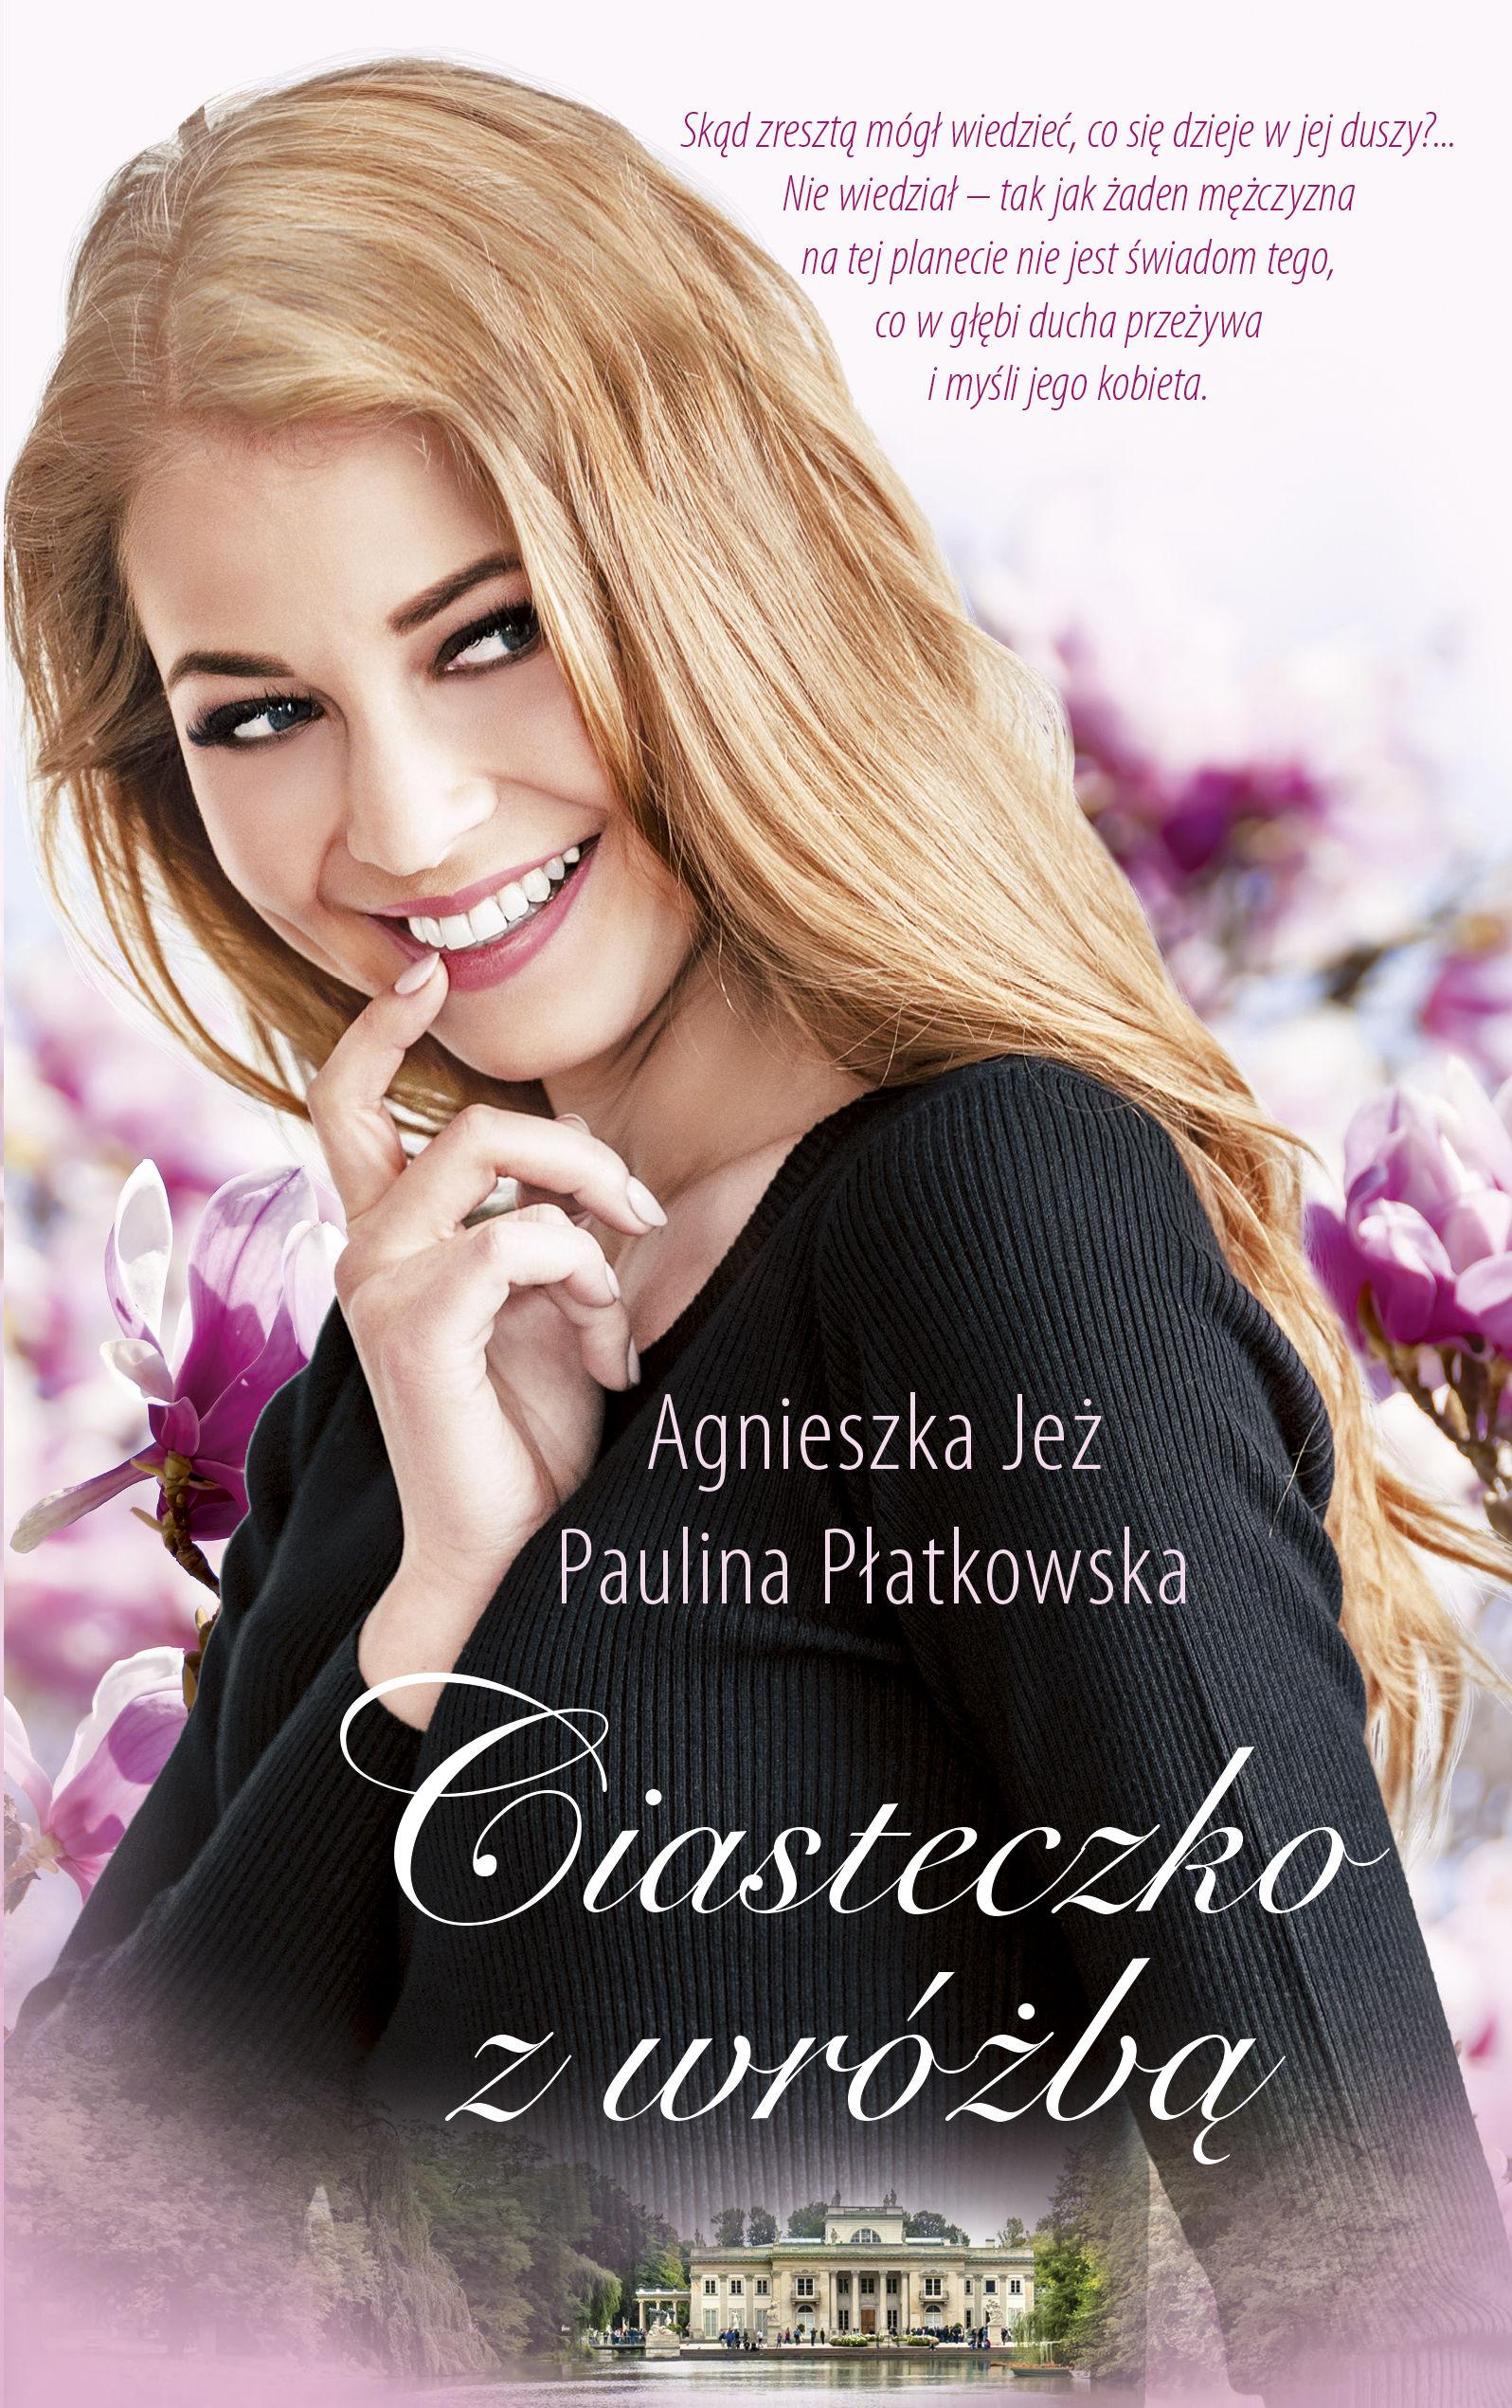 Ciasteczko z wróżbą - Agnieszka Jeż - ebook